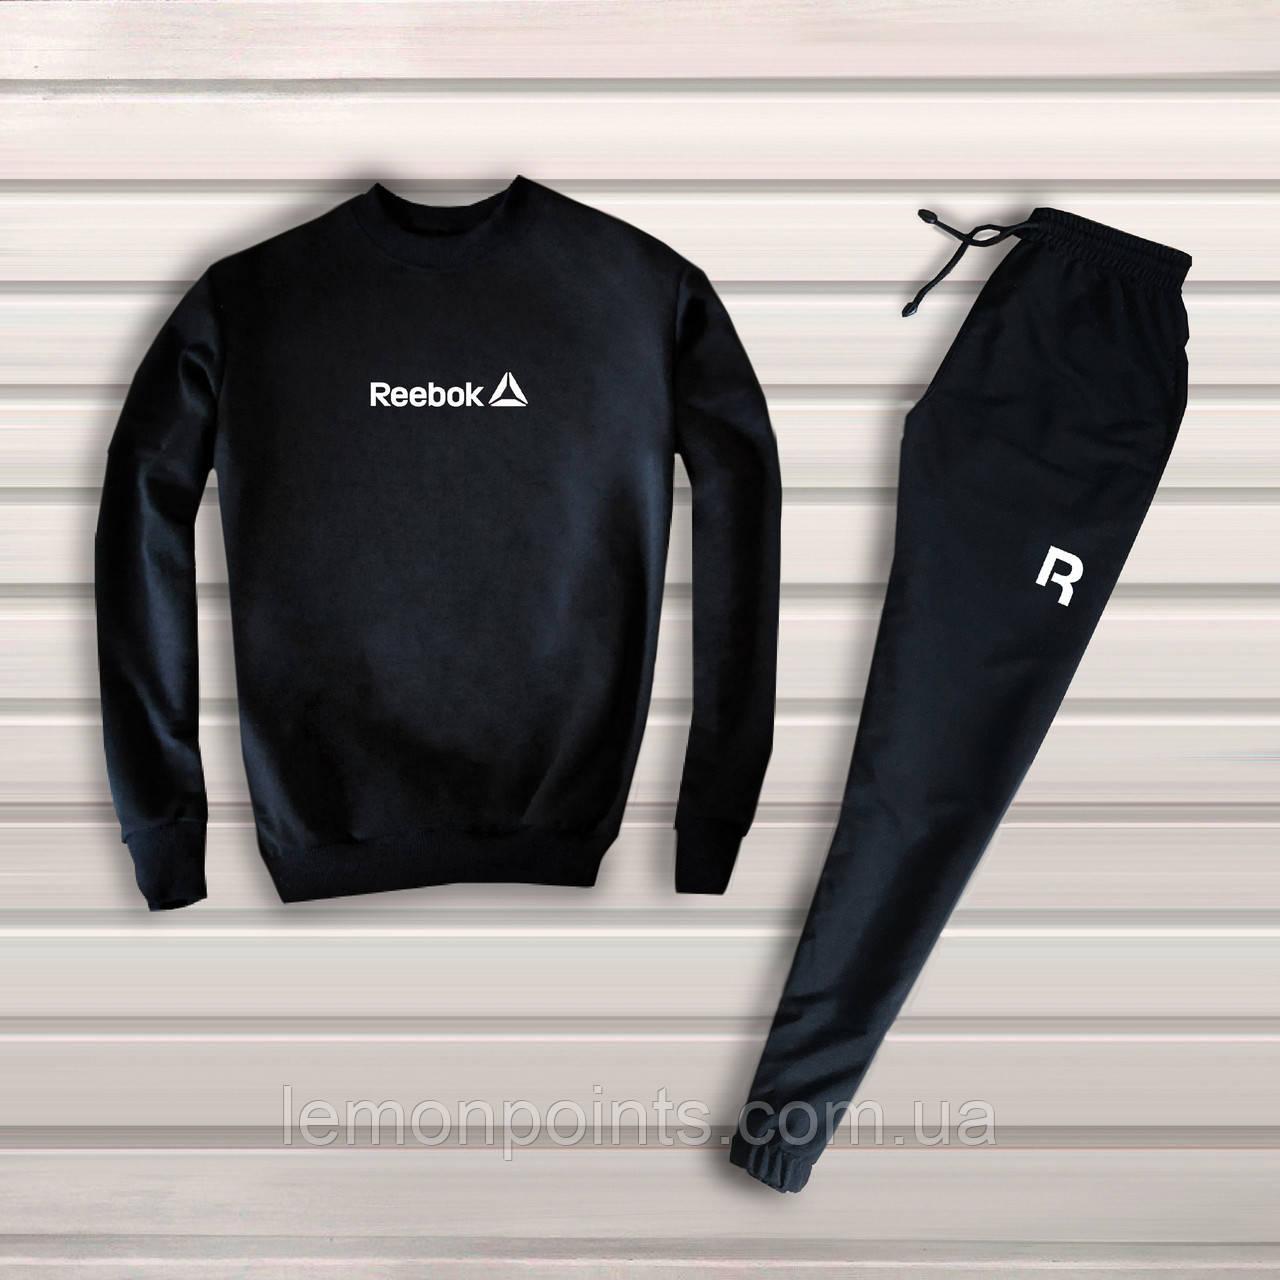 Мужской спортивный костюм, чоловічий спортивний костюм Reebok S1190, Реплика